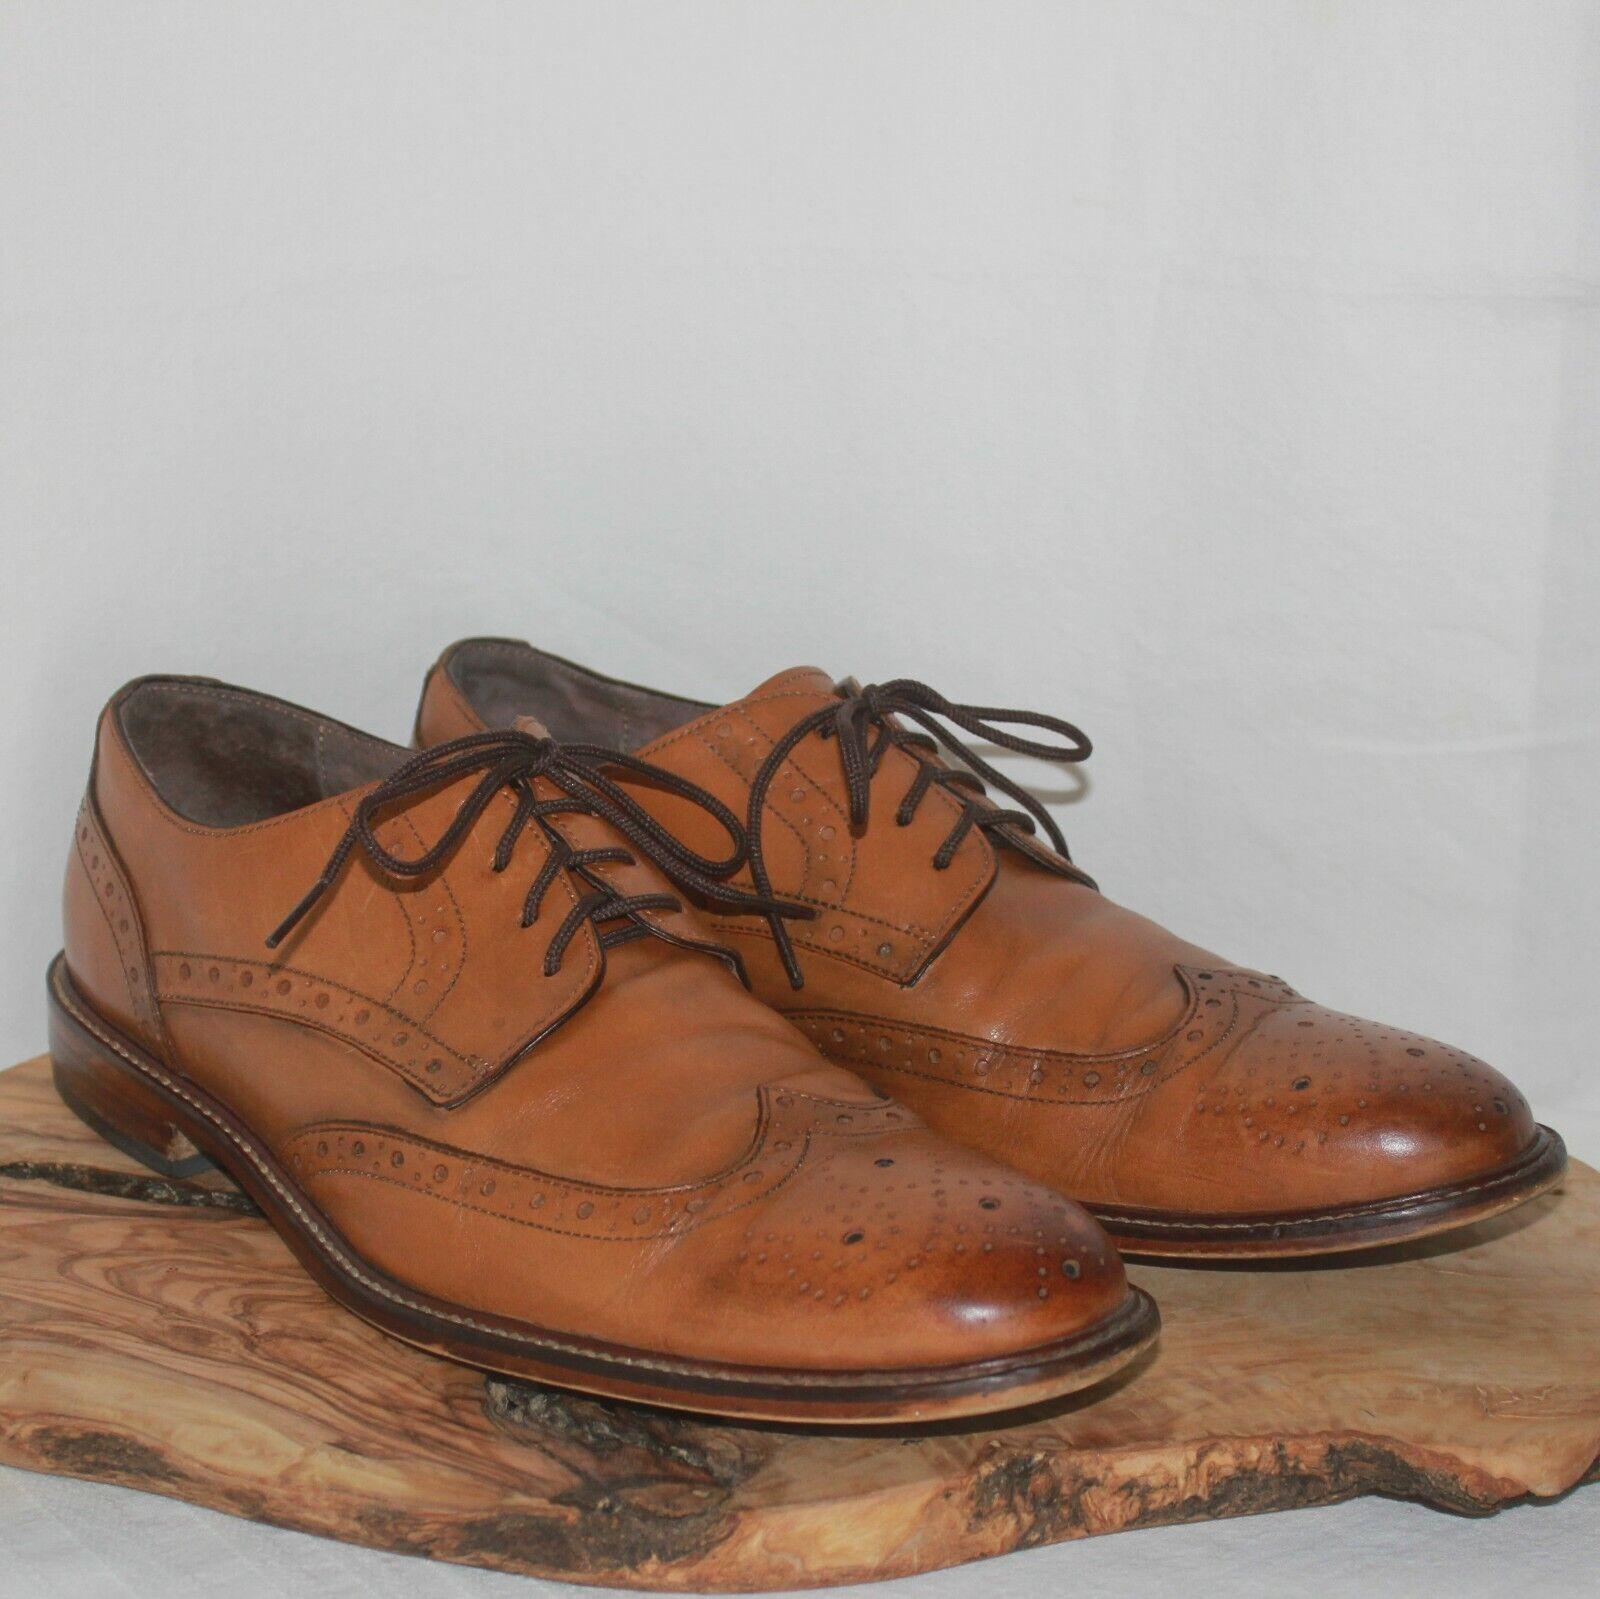 Joseph Abboud Cap Toe Oxfords Size 9.5 Men's - Tan/Beige